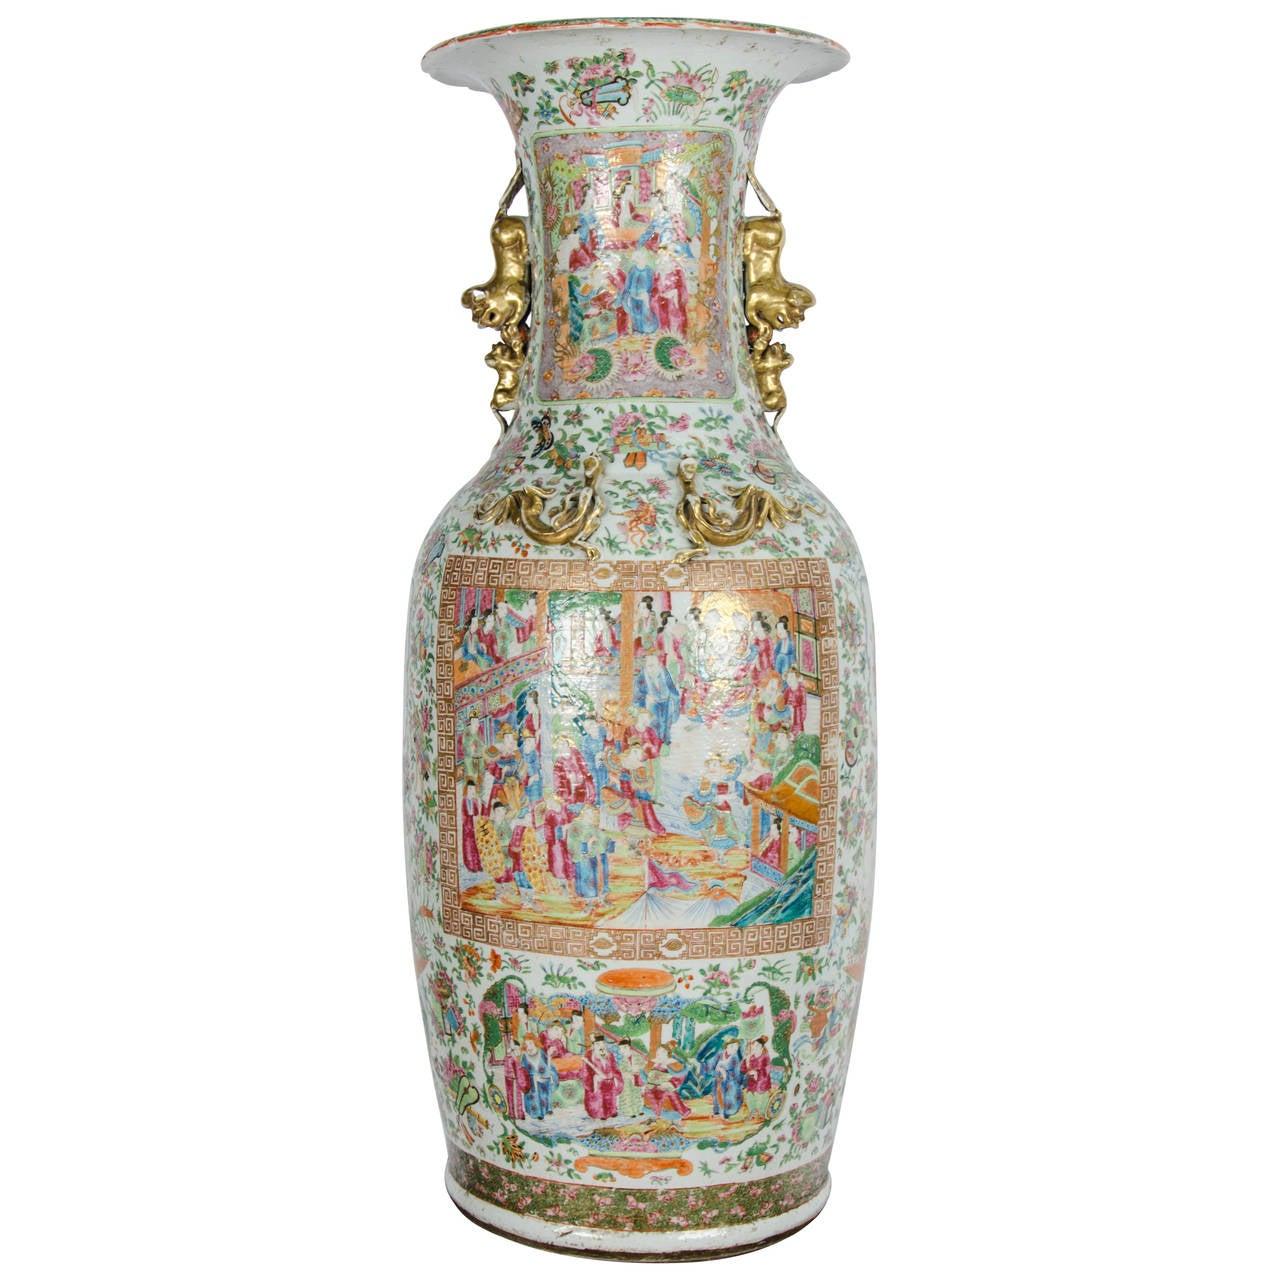 Large 19th century chinese rose medallion vase on stand for sale large 19th century chinese rose medallion vase on stand for sale reviewsmspy